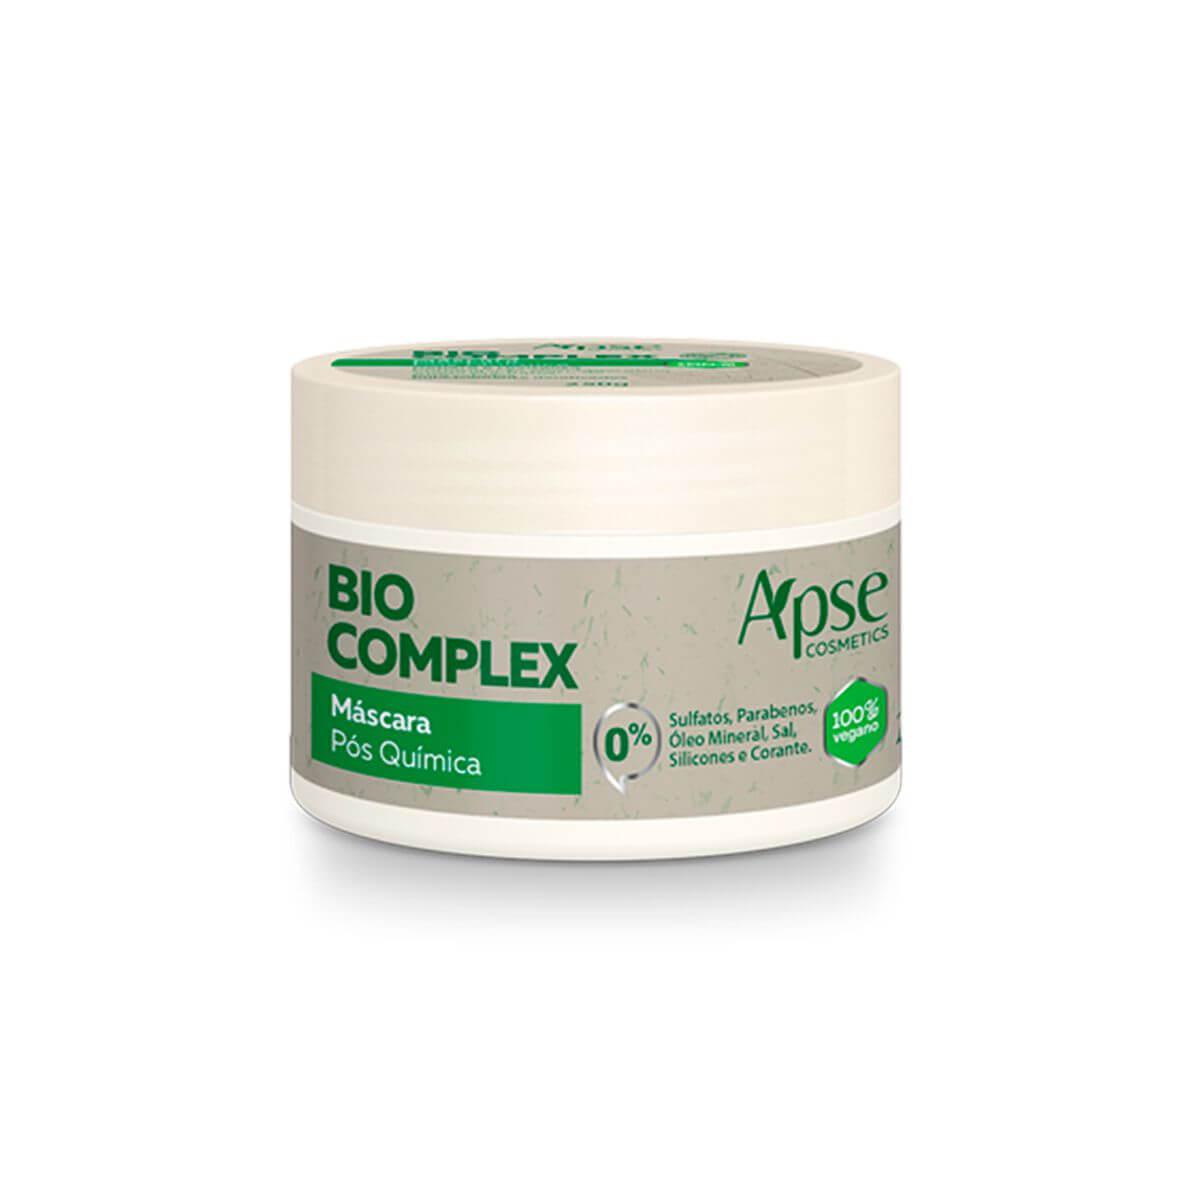 Apse - Máscara Bio Complex - 250g